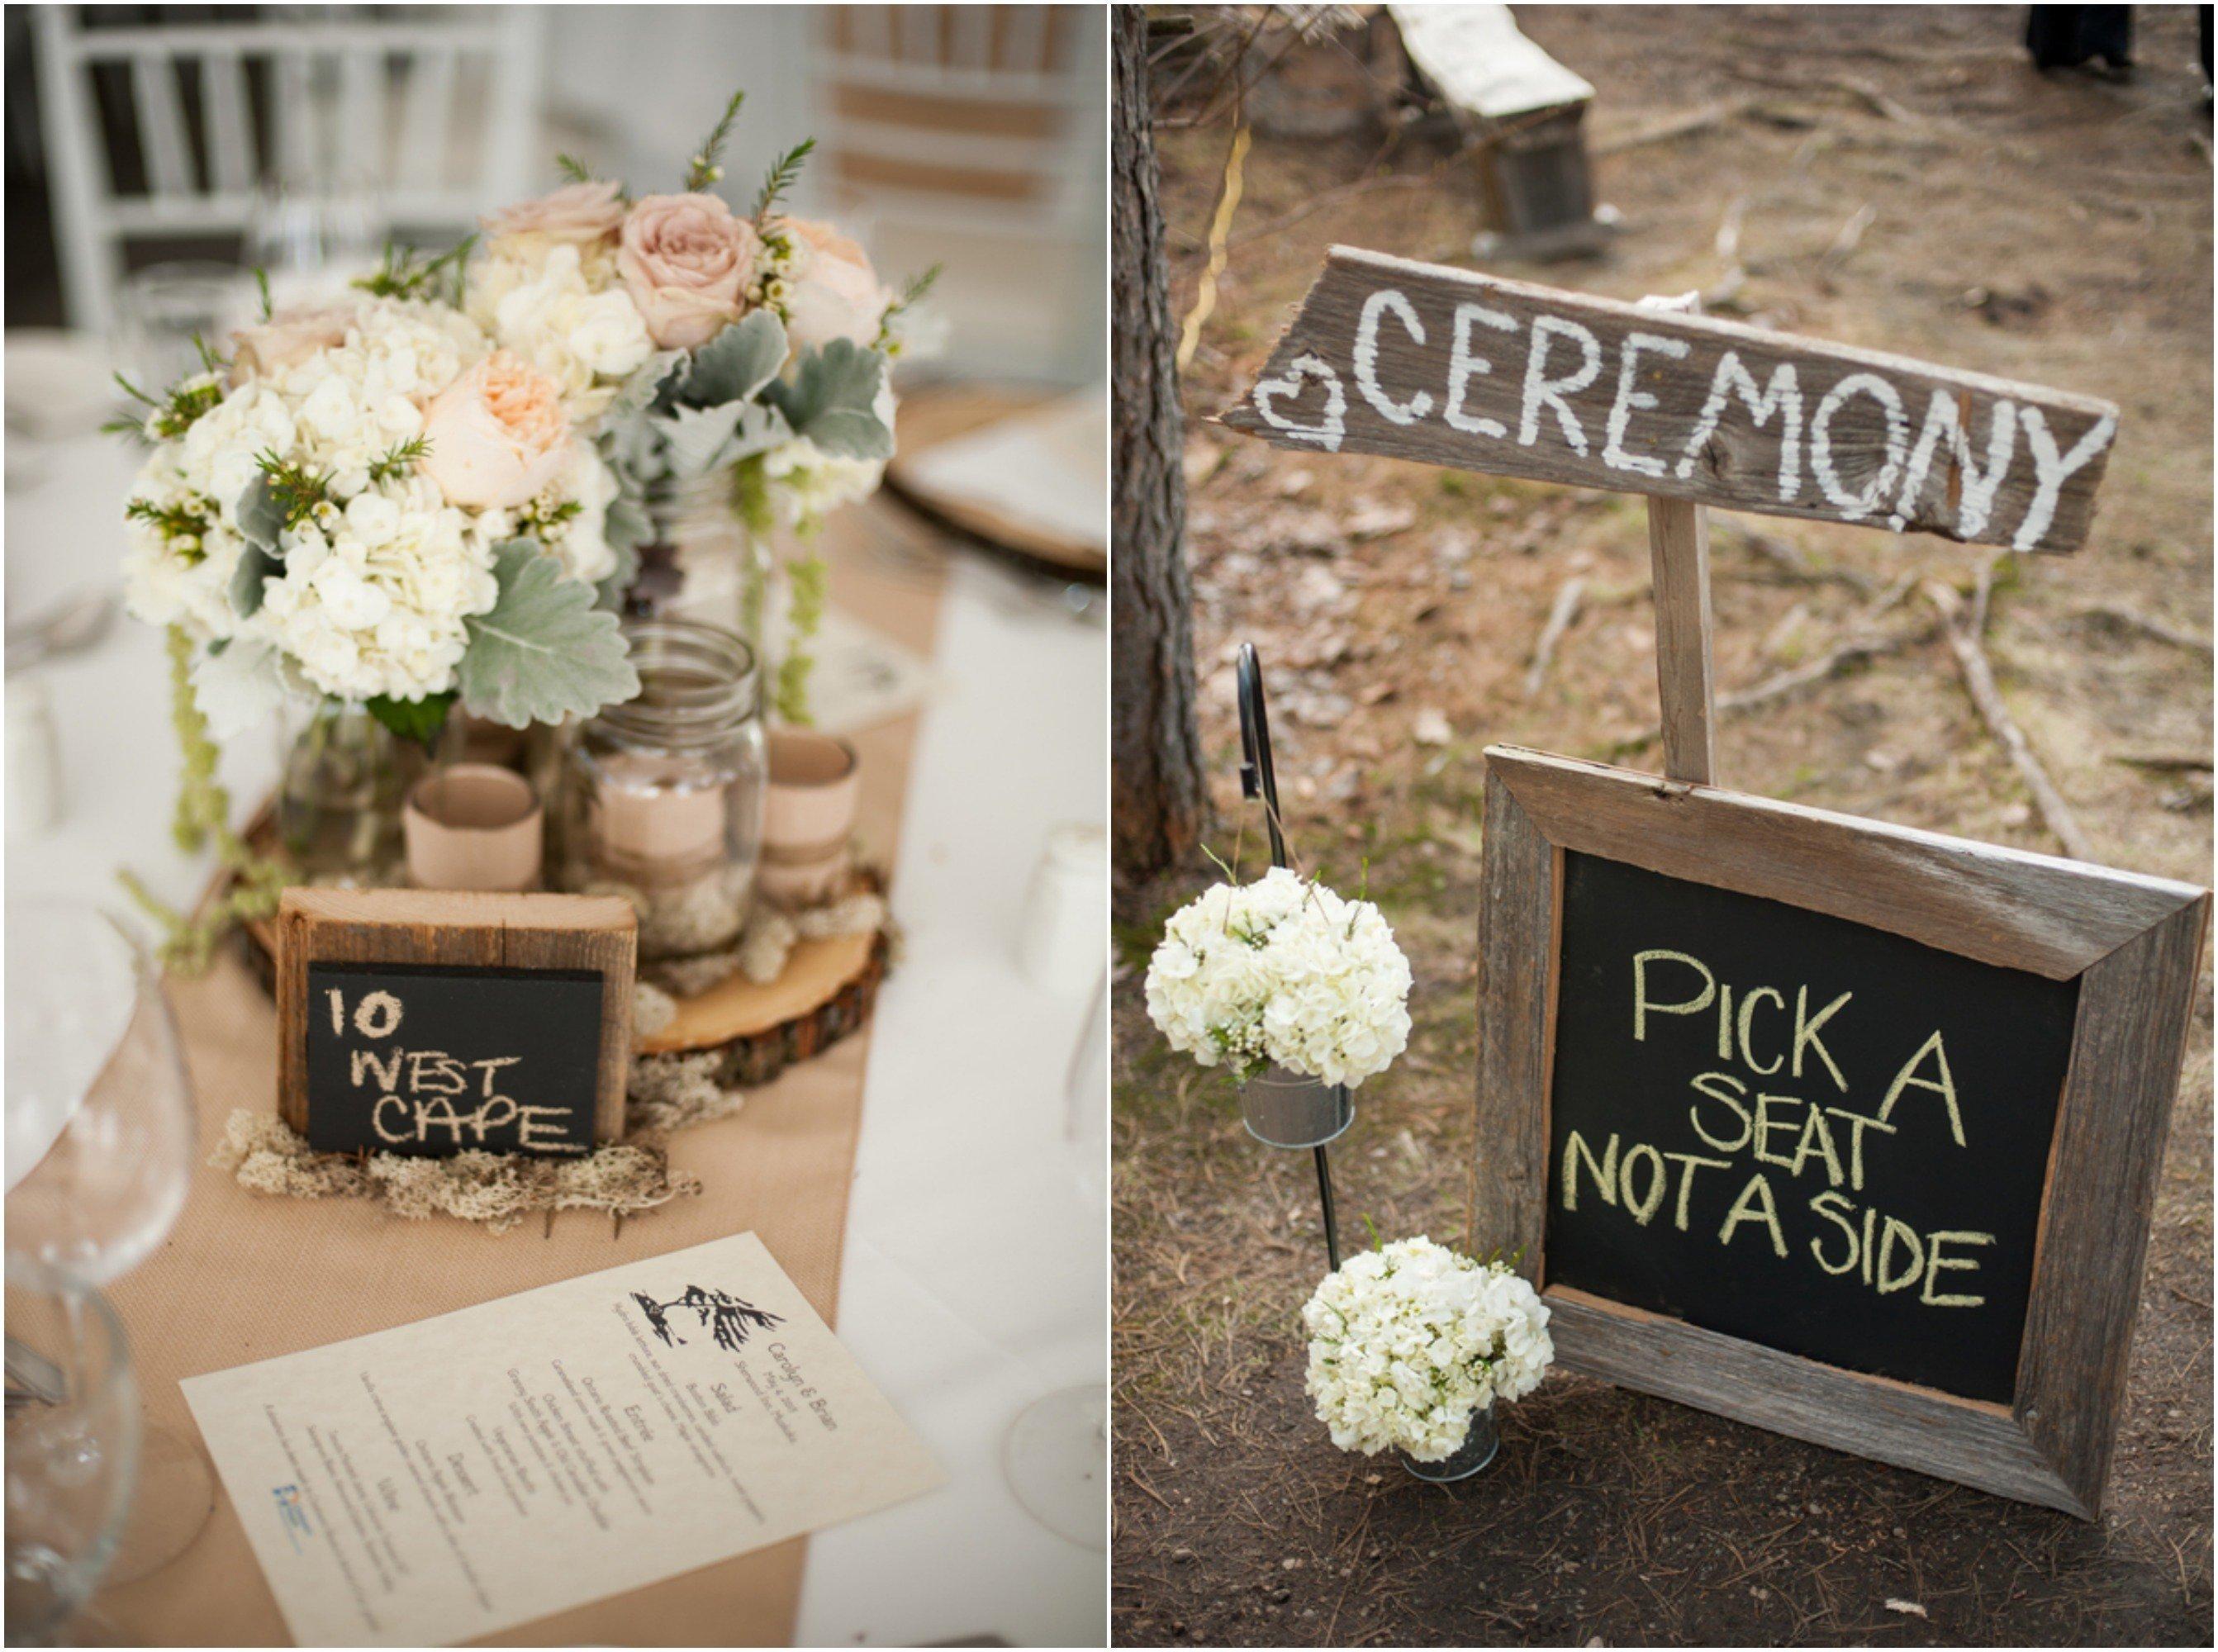 10 Amazing Country Wedding Ideas For Fall wedding ideas cheap rustic wedding decor wedding table 1 2021